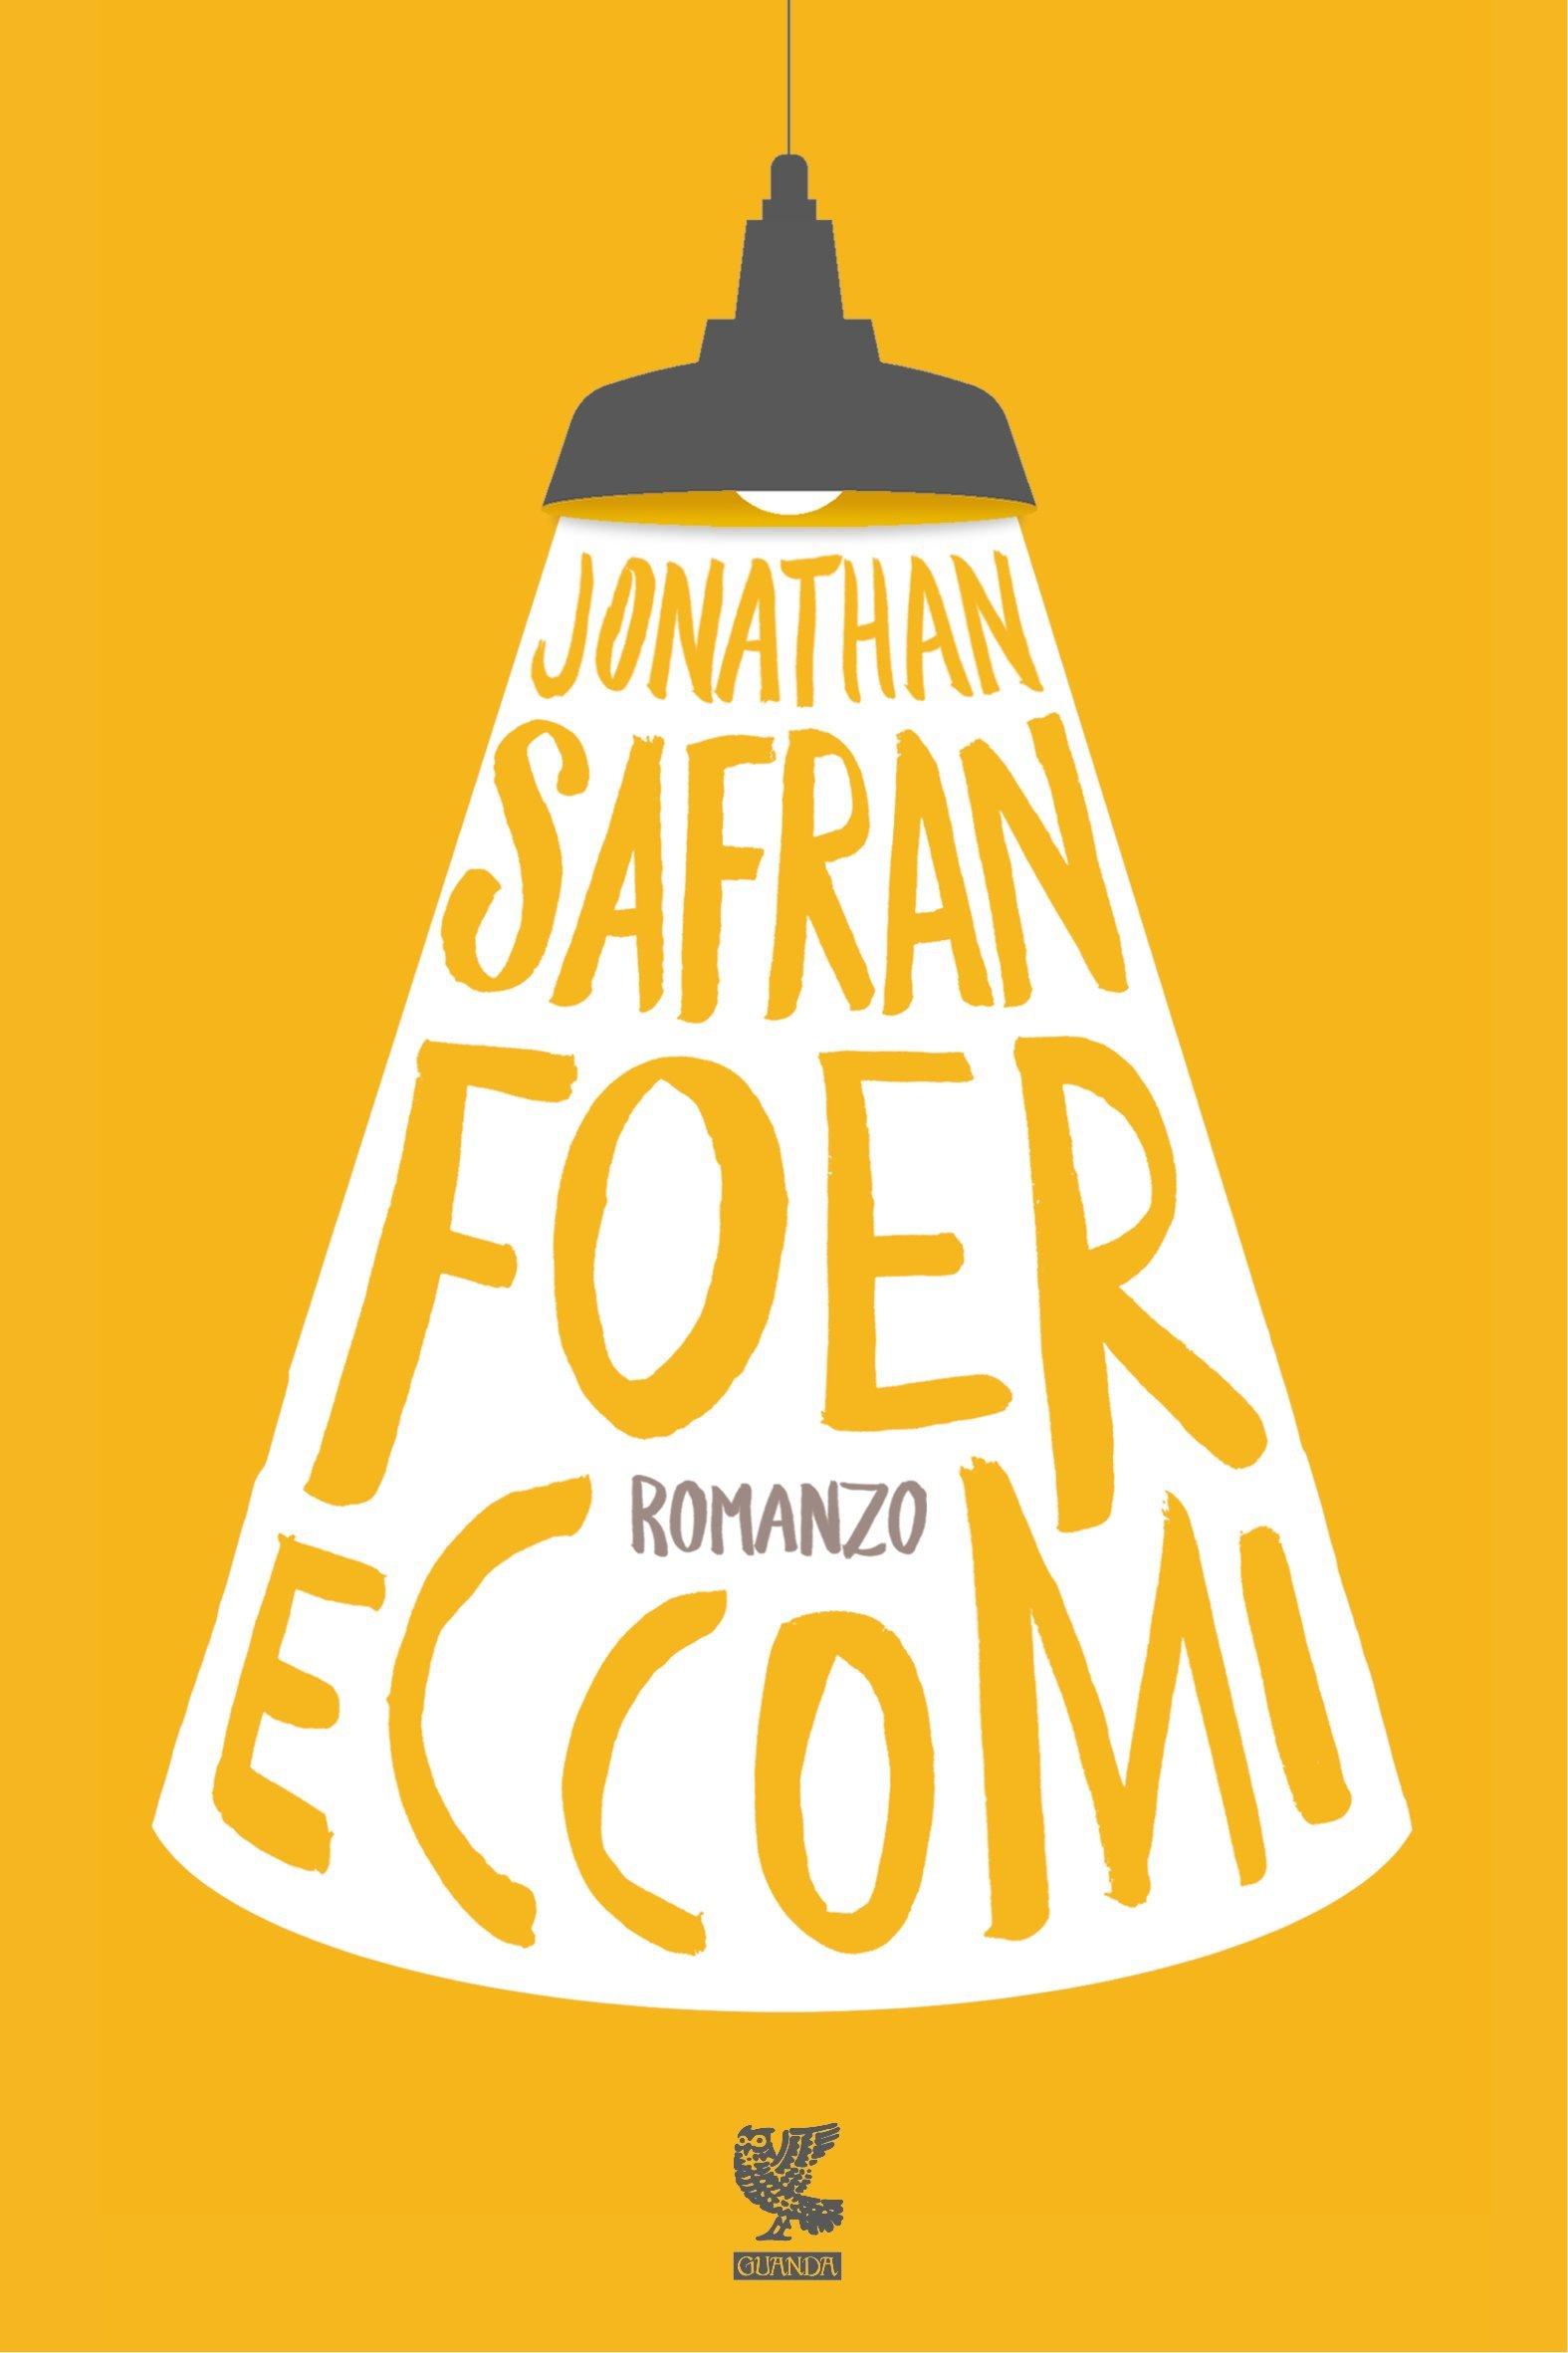 ECCOMI di Jonathan Safran Foer (un estratto del libro)